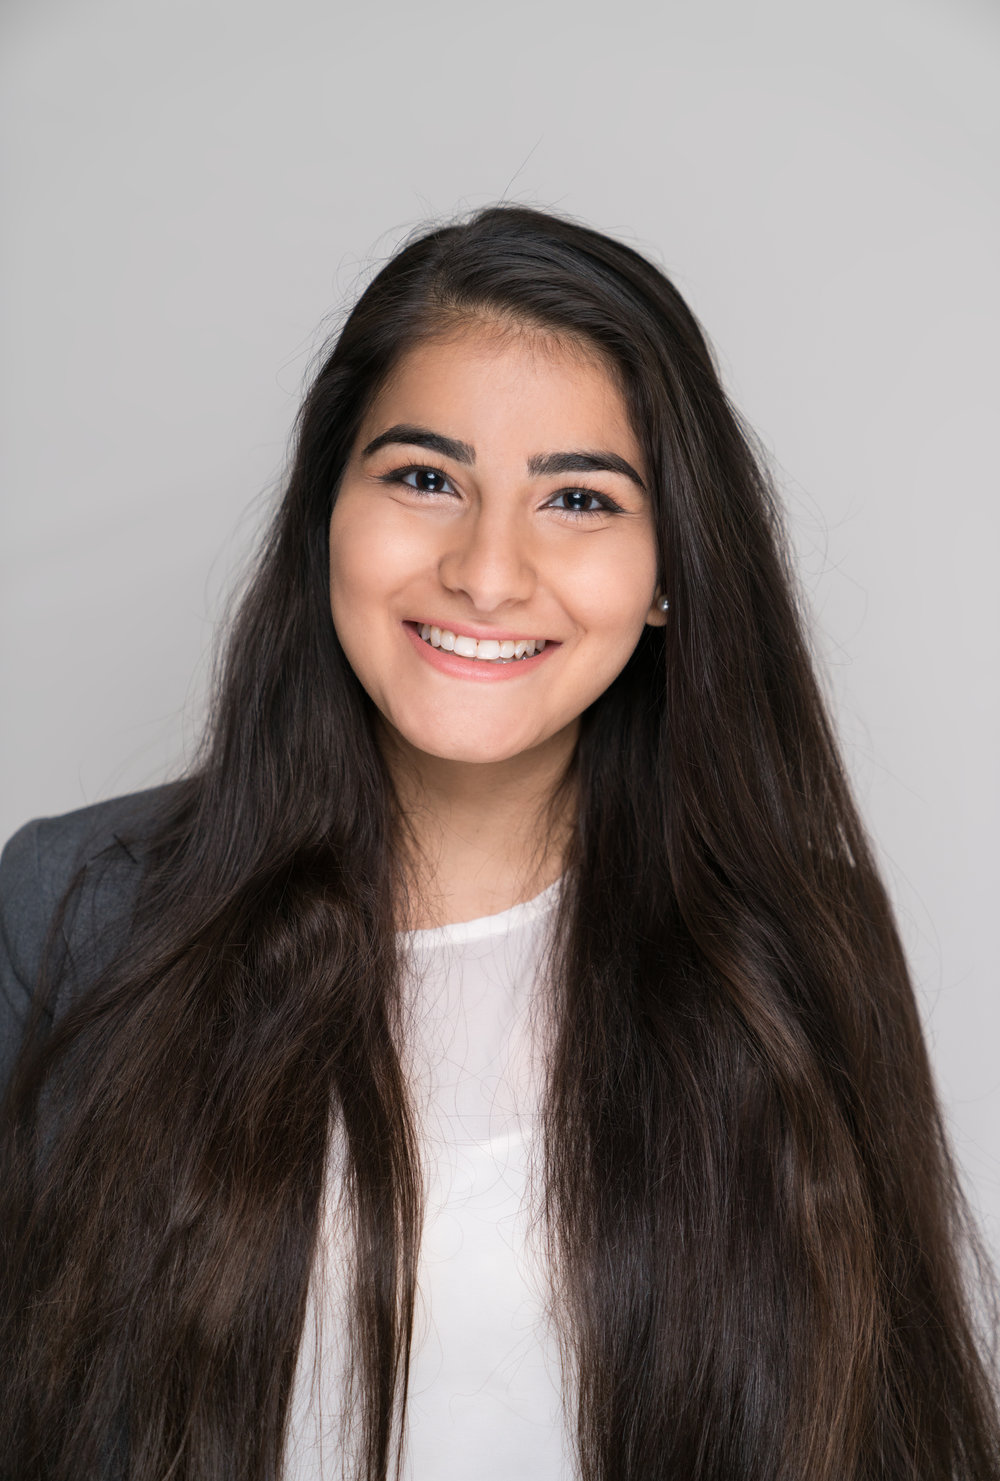 Navya Chauhan    Major: Neurobiology, Physiology, and Behavior Career Goal: OB/GYN